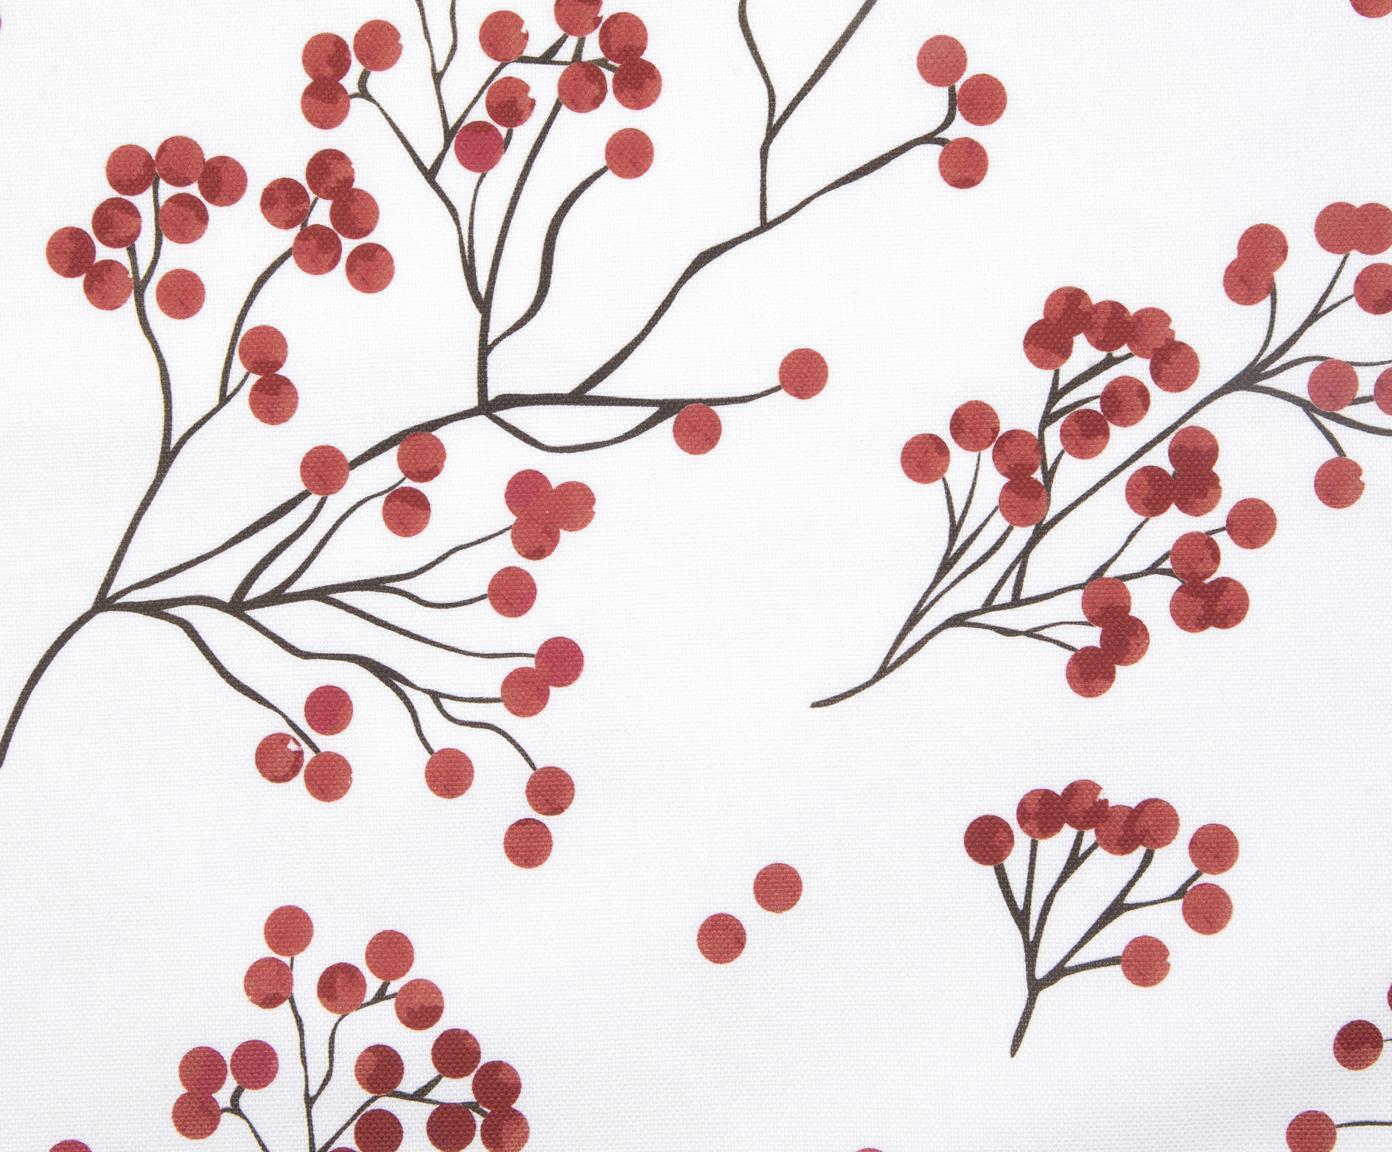 Kissenhülle Berry mit Winterzweigen, Baumwolle, Rot, Schwarz, Weiß, 40 x 40 cm